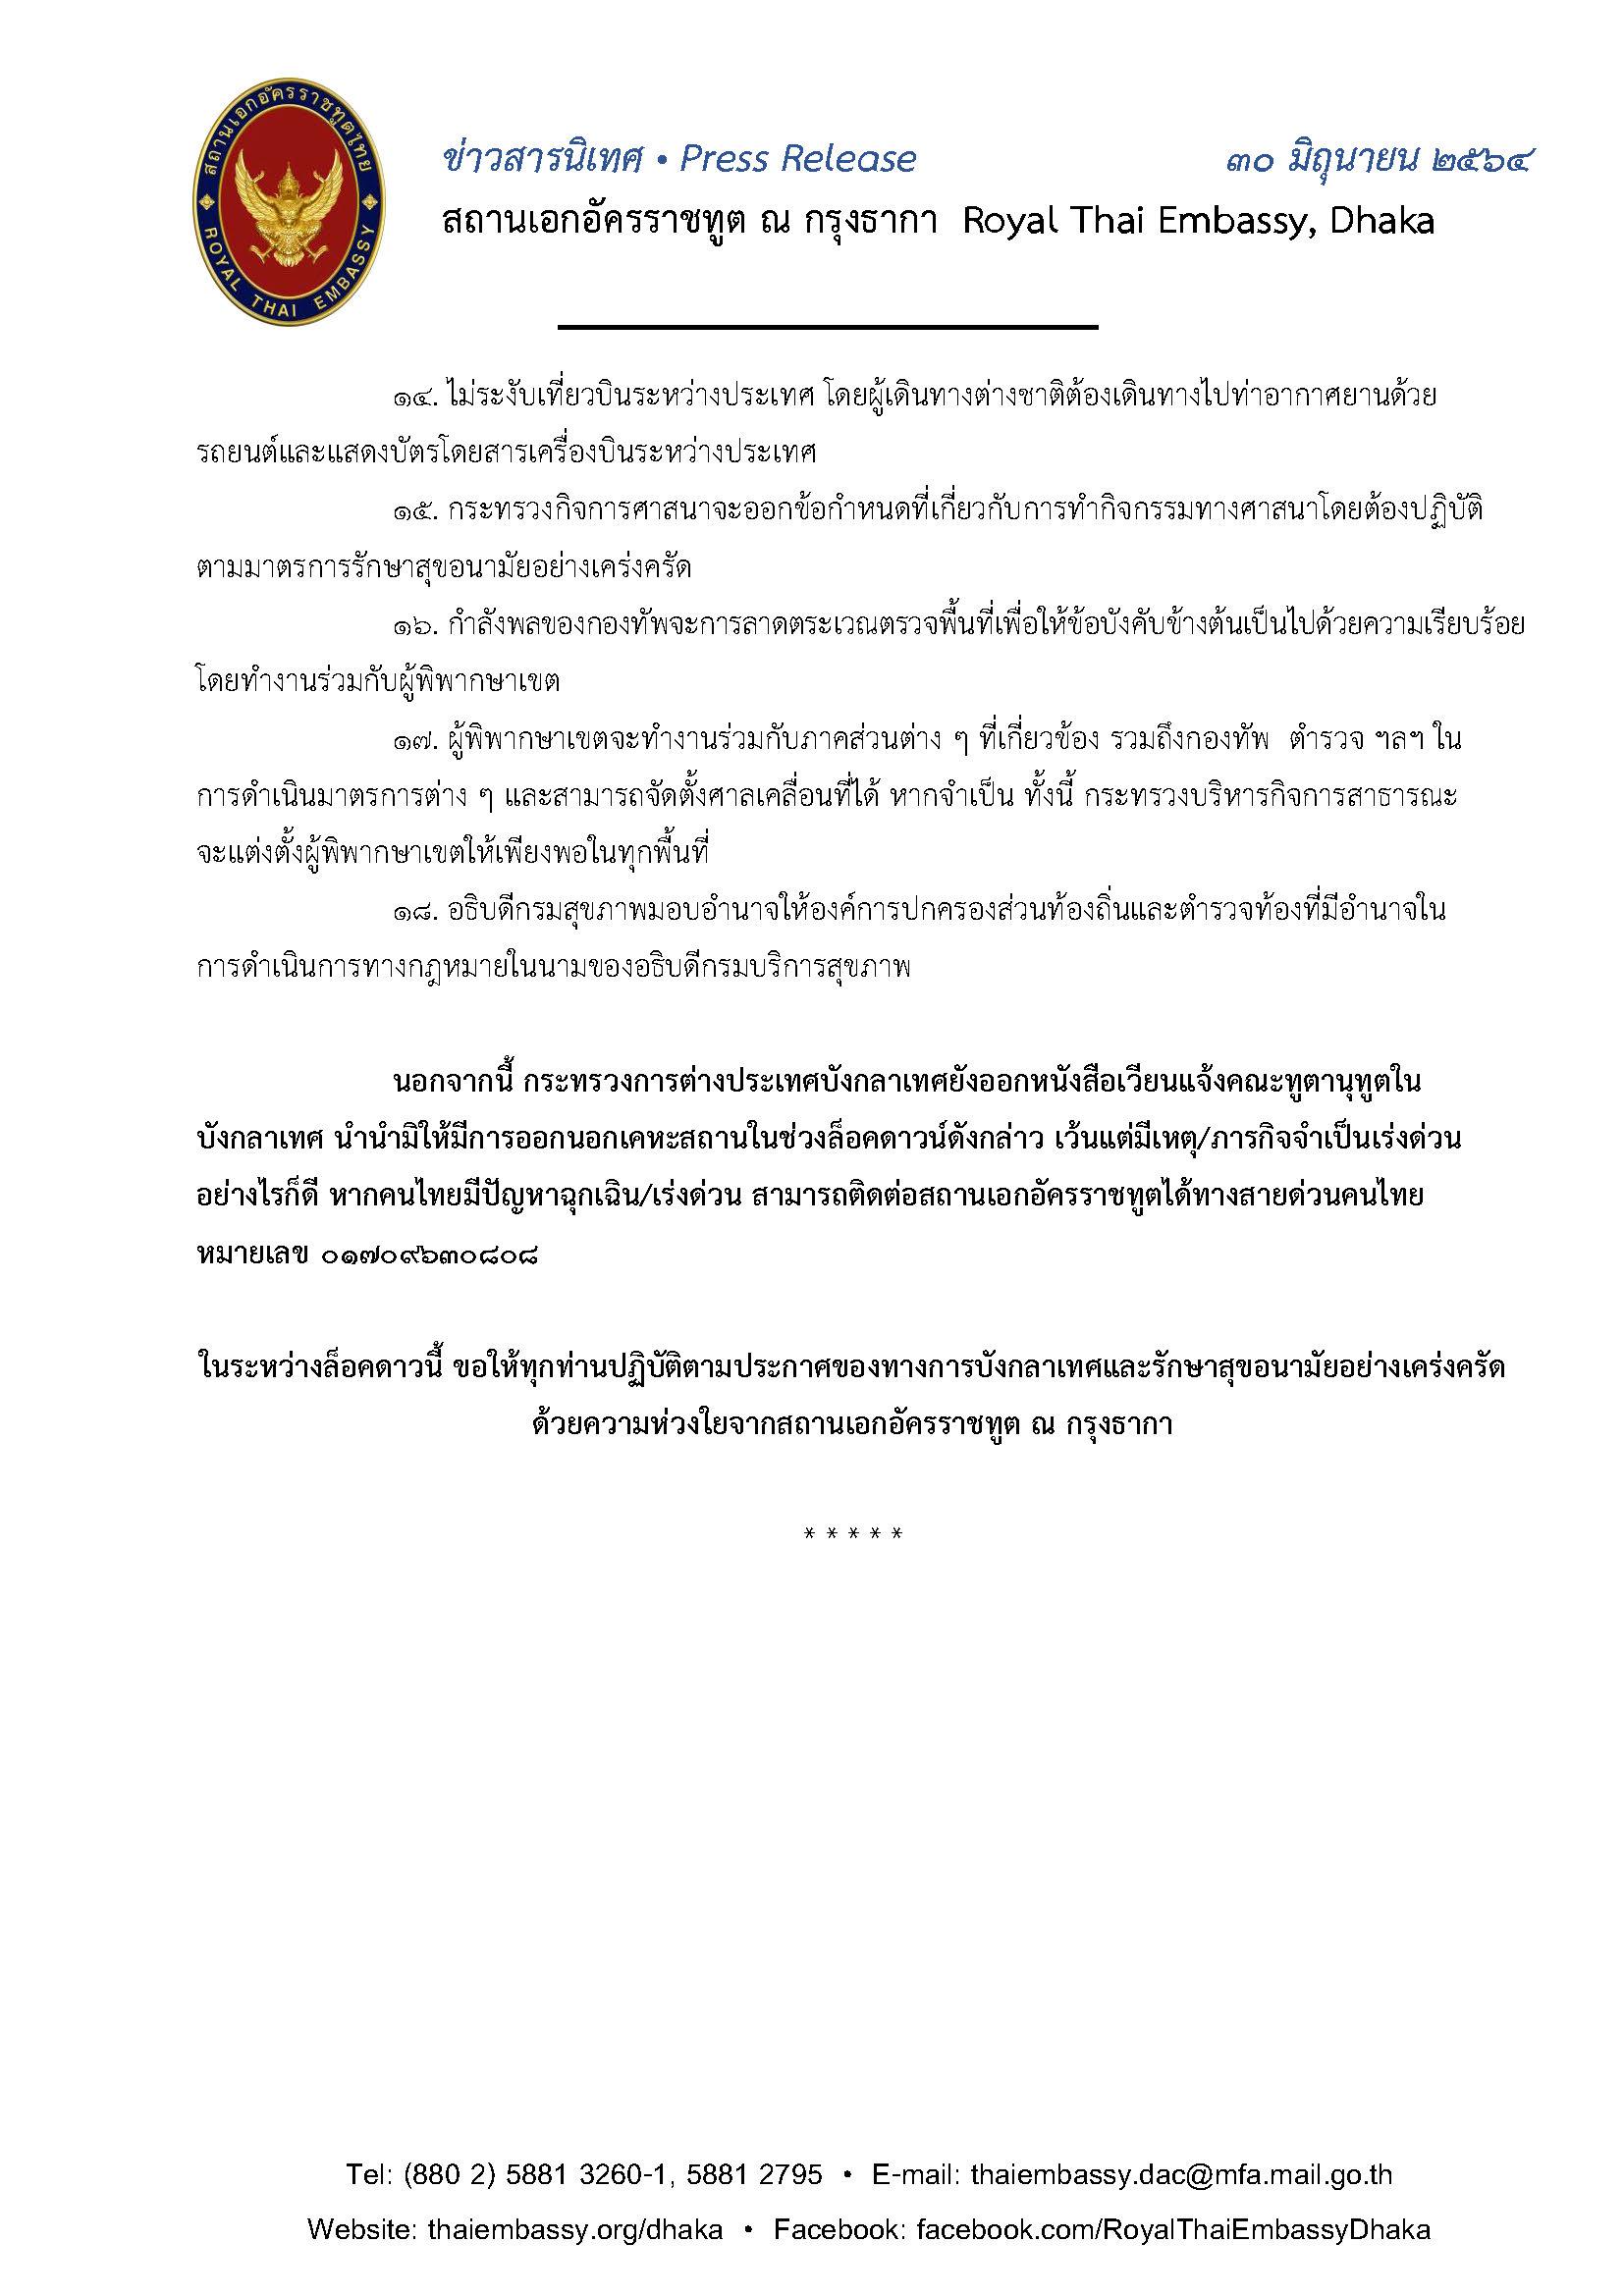 ข่าวสารนิเทศ_30_มิ.ย._2564_page_2_Page_2